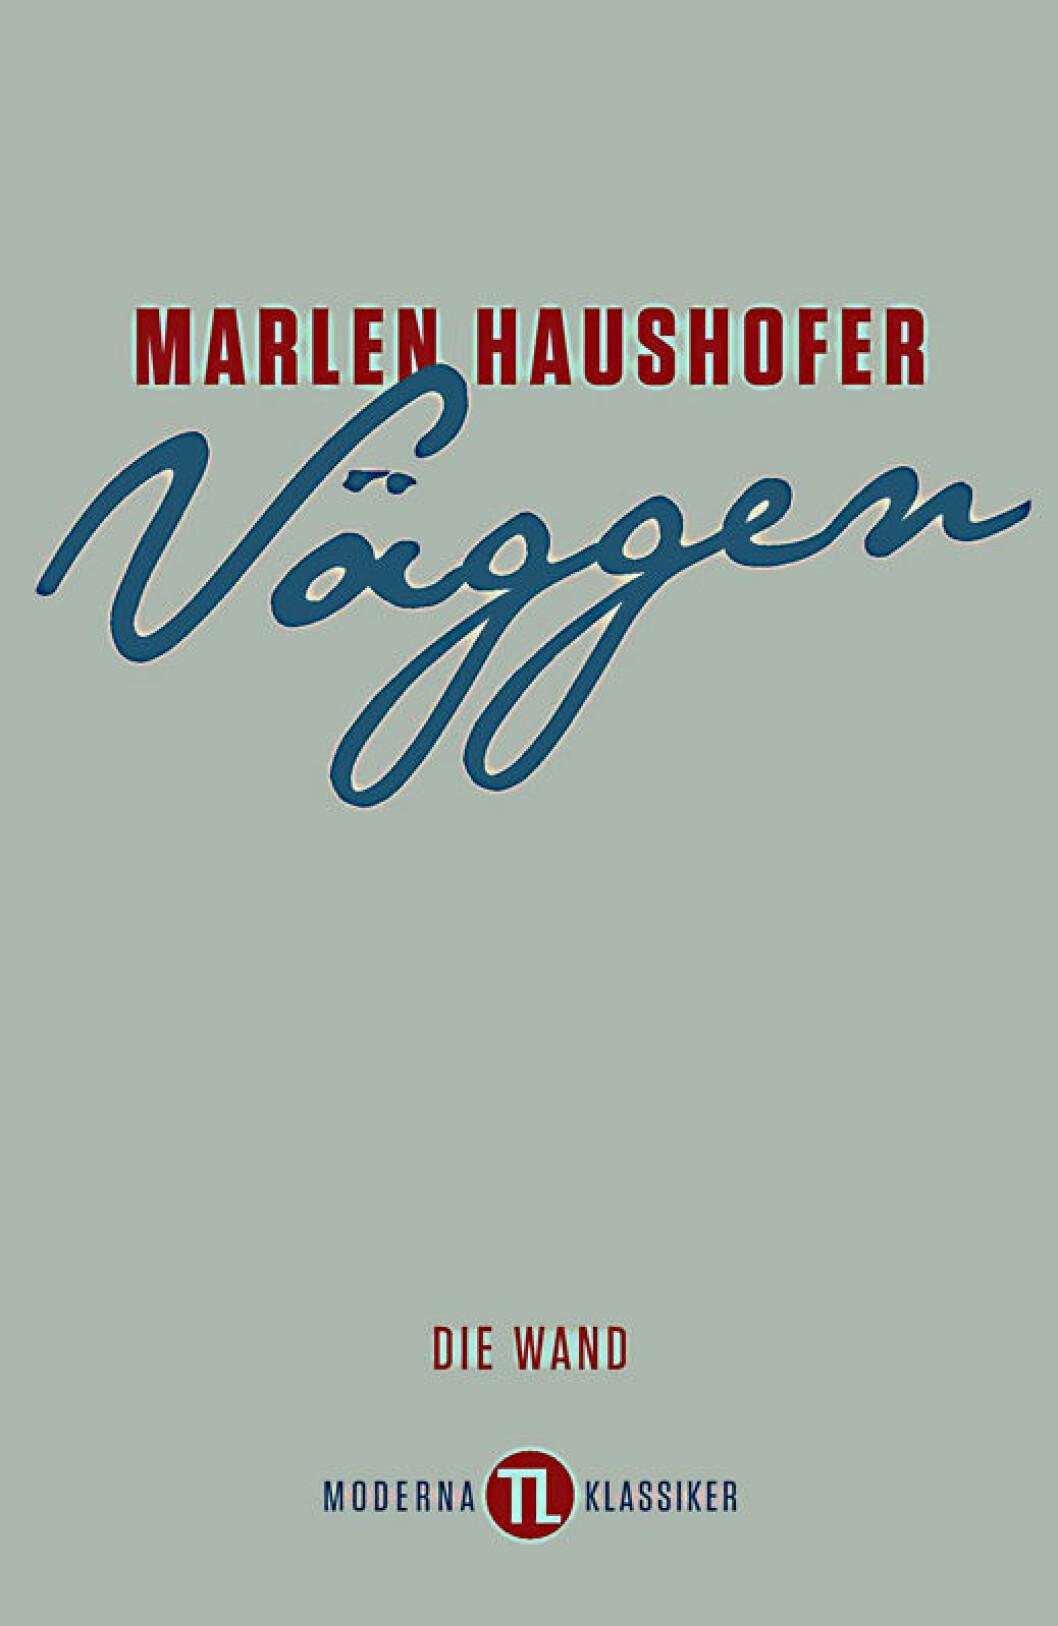 Väggen, en dystopisk bok av Marlen Haushofer.